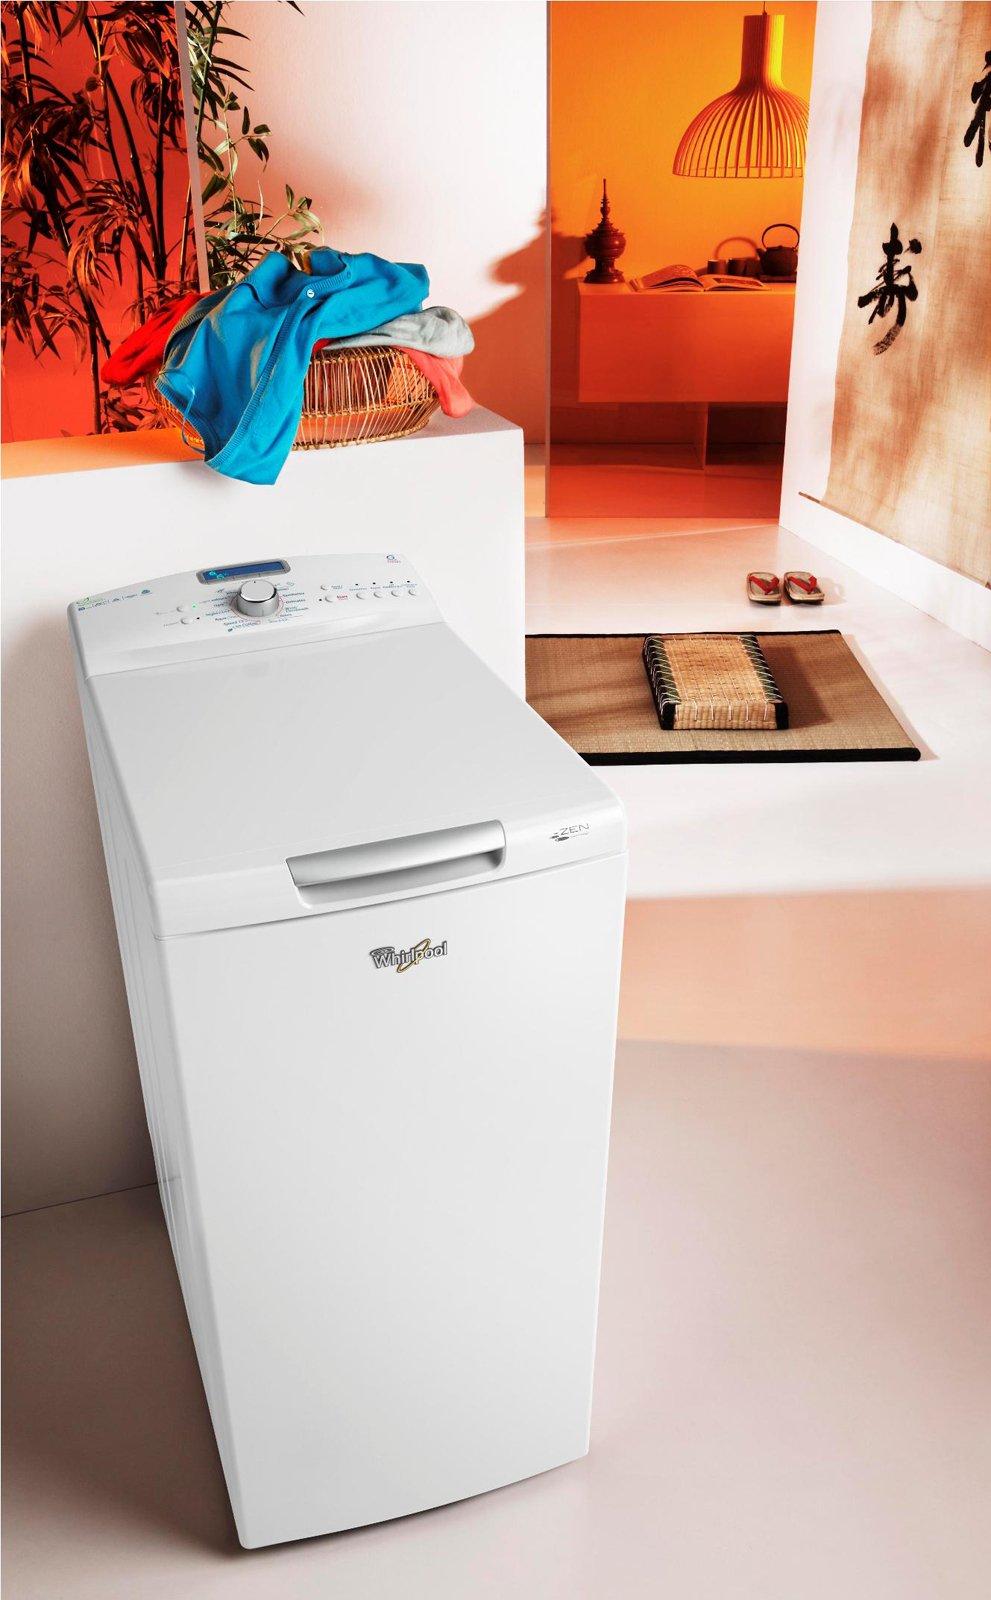 Lavatrici il modello giusto per ogni esigenza cose di casa - Lavasciuga piccole dimensioni ...